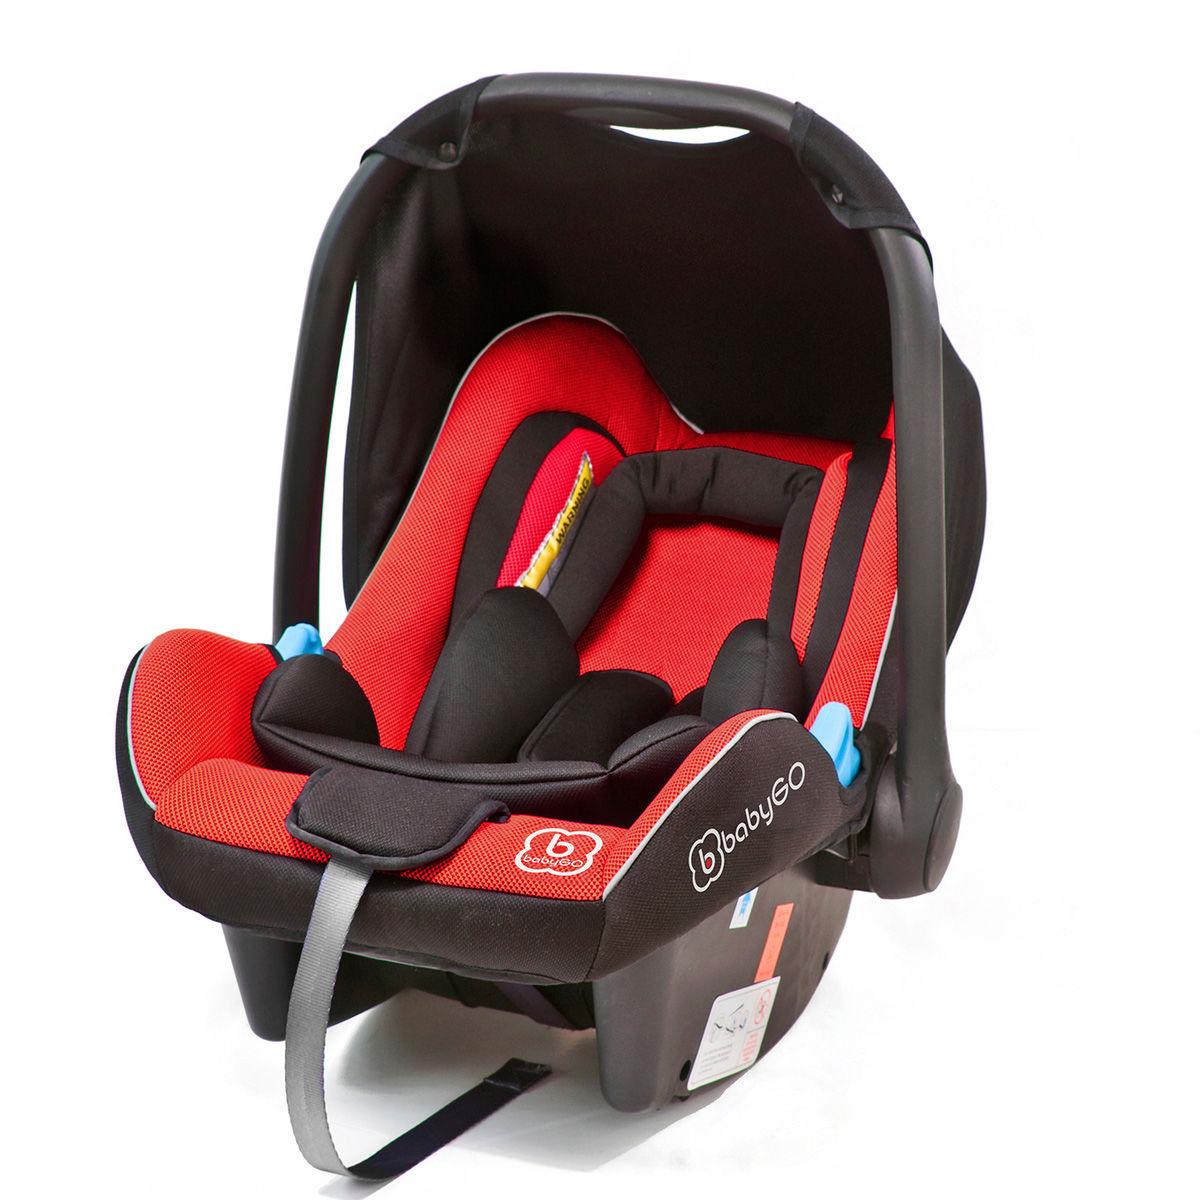 Afbeelding van Autostoel BabyGO Travel XP Rood (0-13kg)